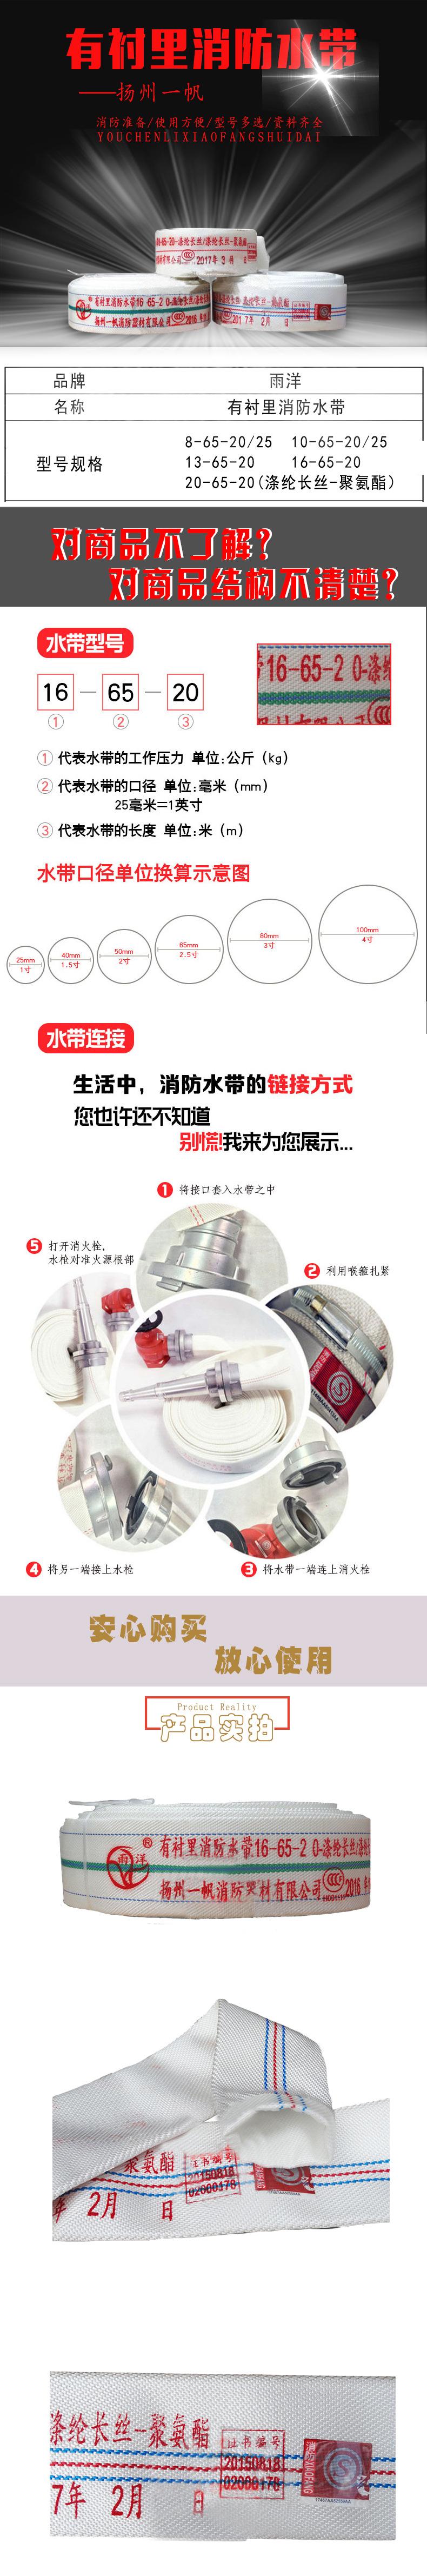 厂家直销消防高压水带 聚氨酯消防水带 PU水带可定制 消防设备示例图2